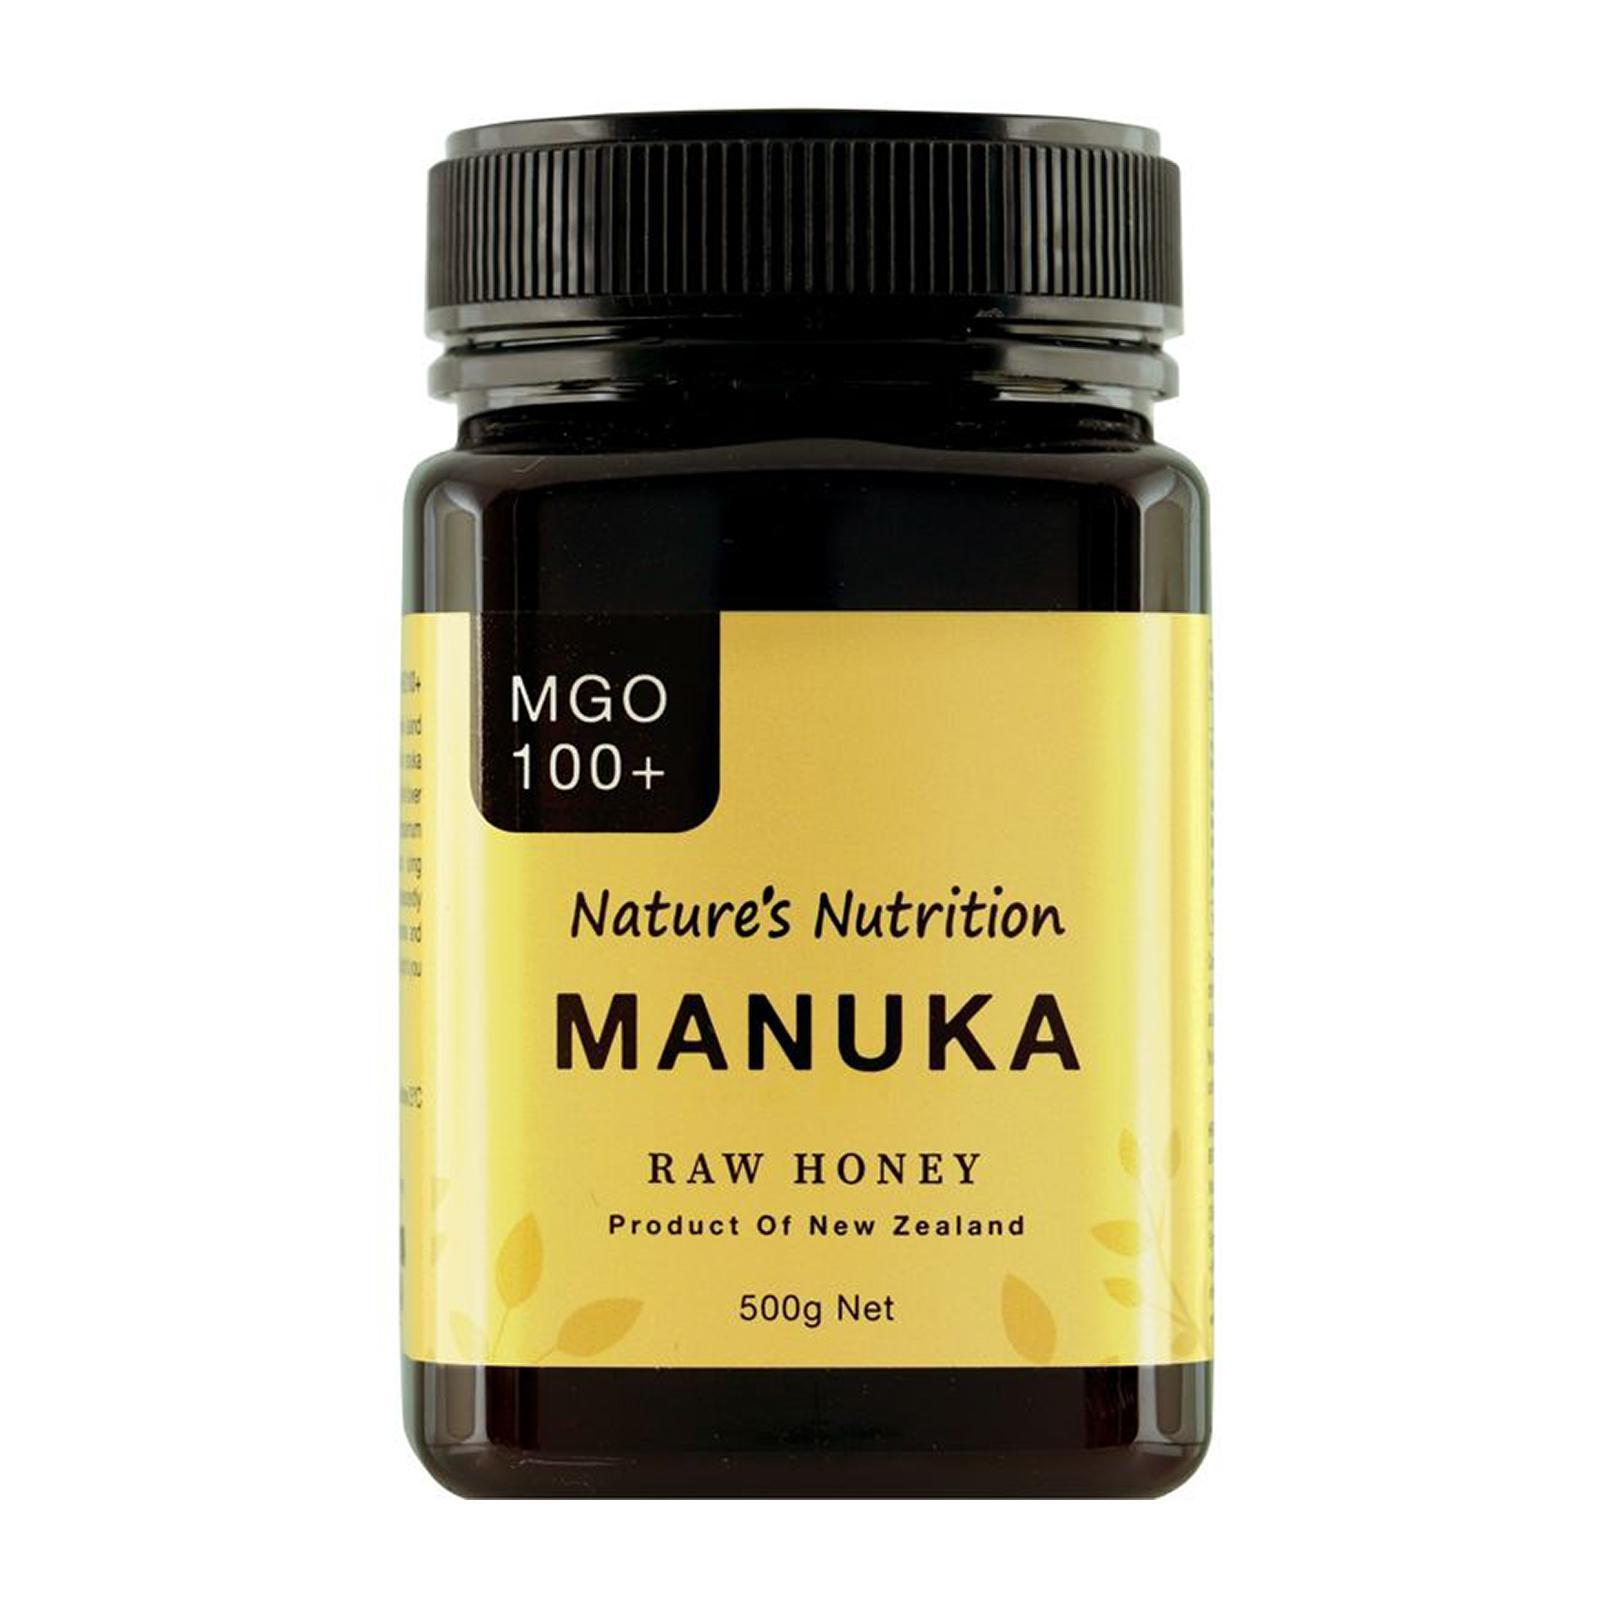 Nature's Nutrition Mgo 100+ Manuka Honey